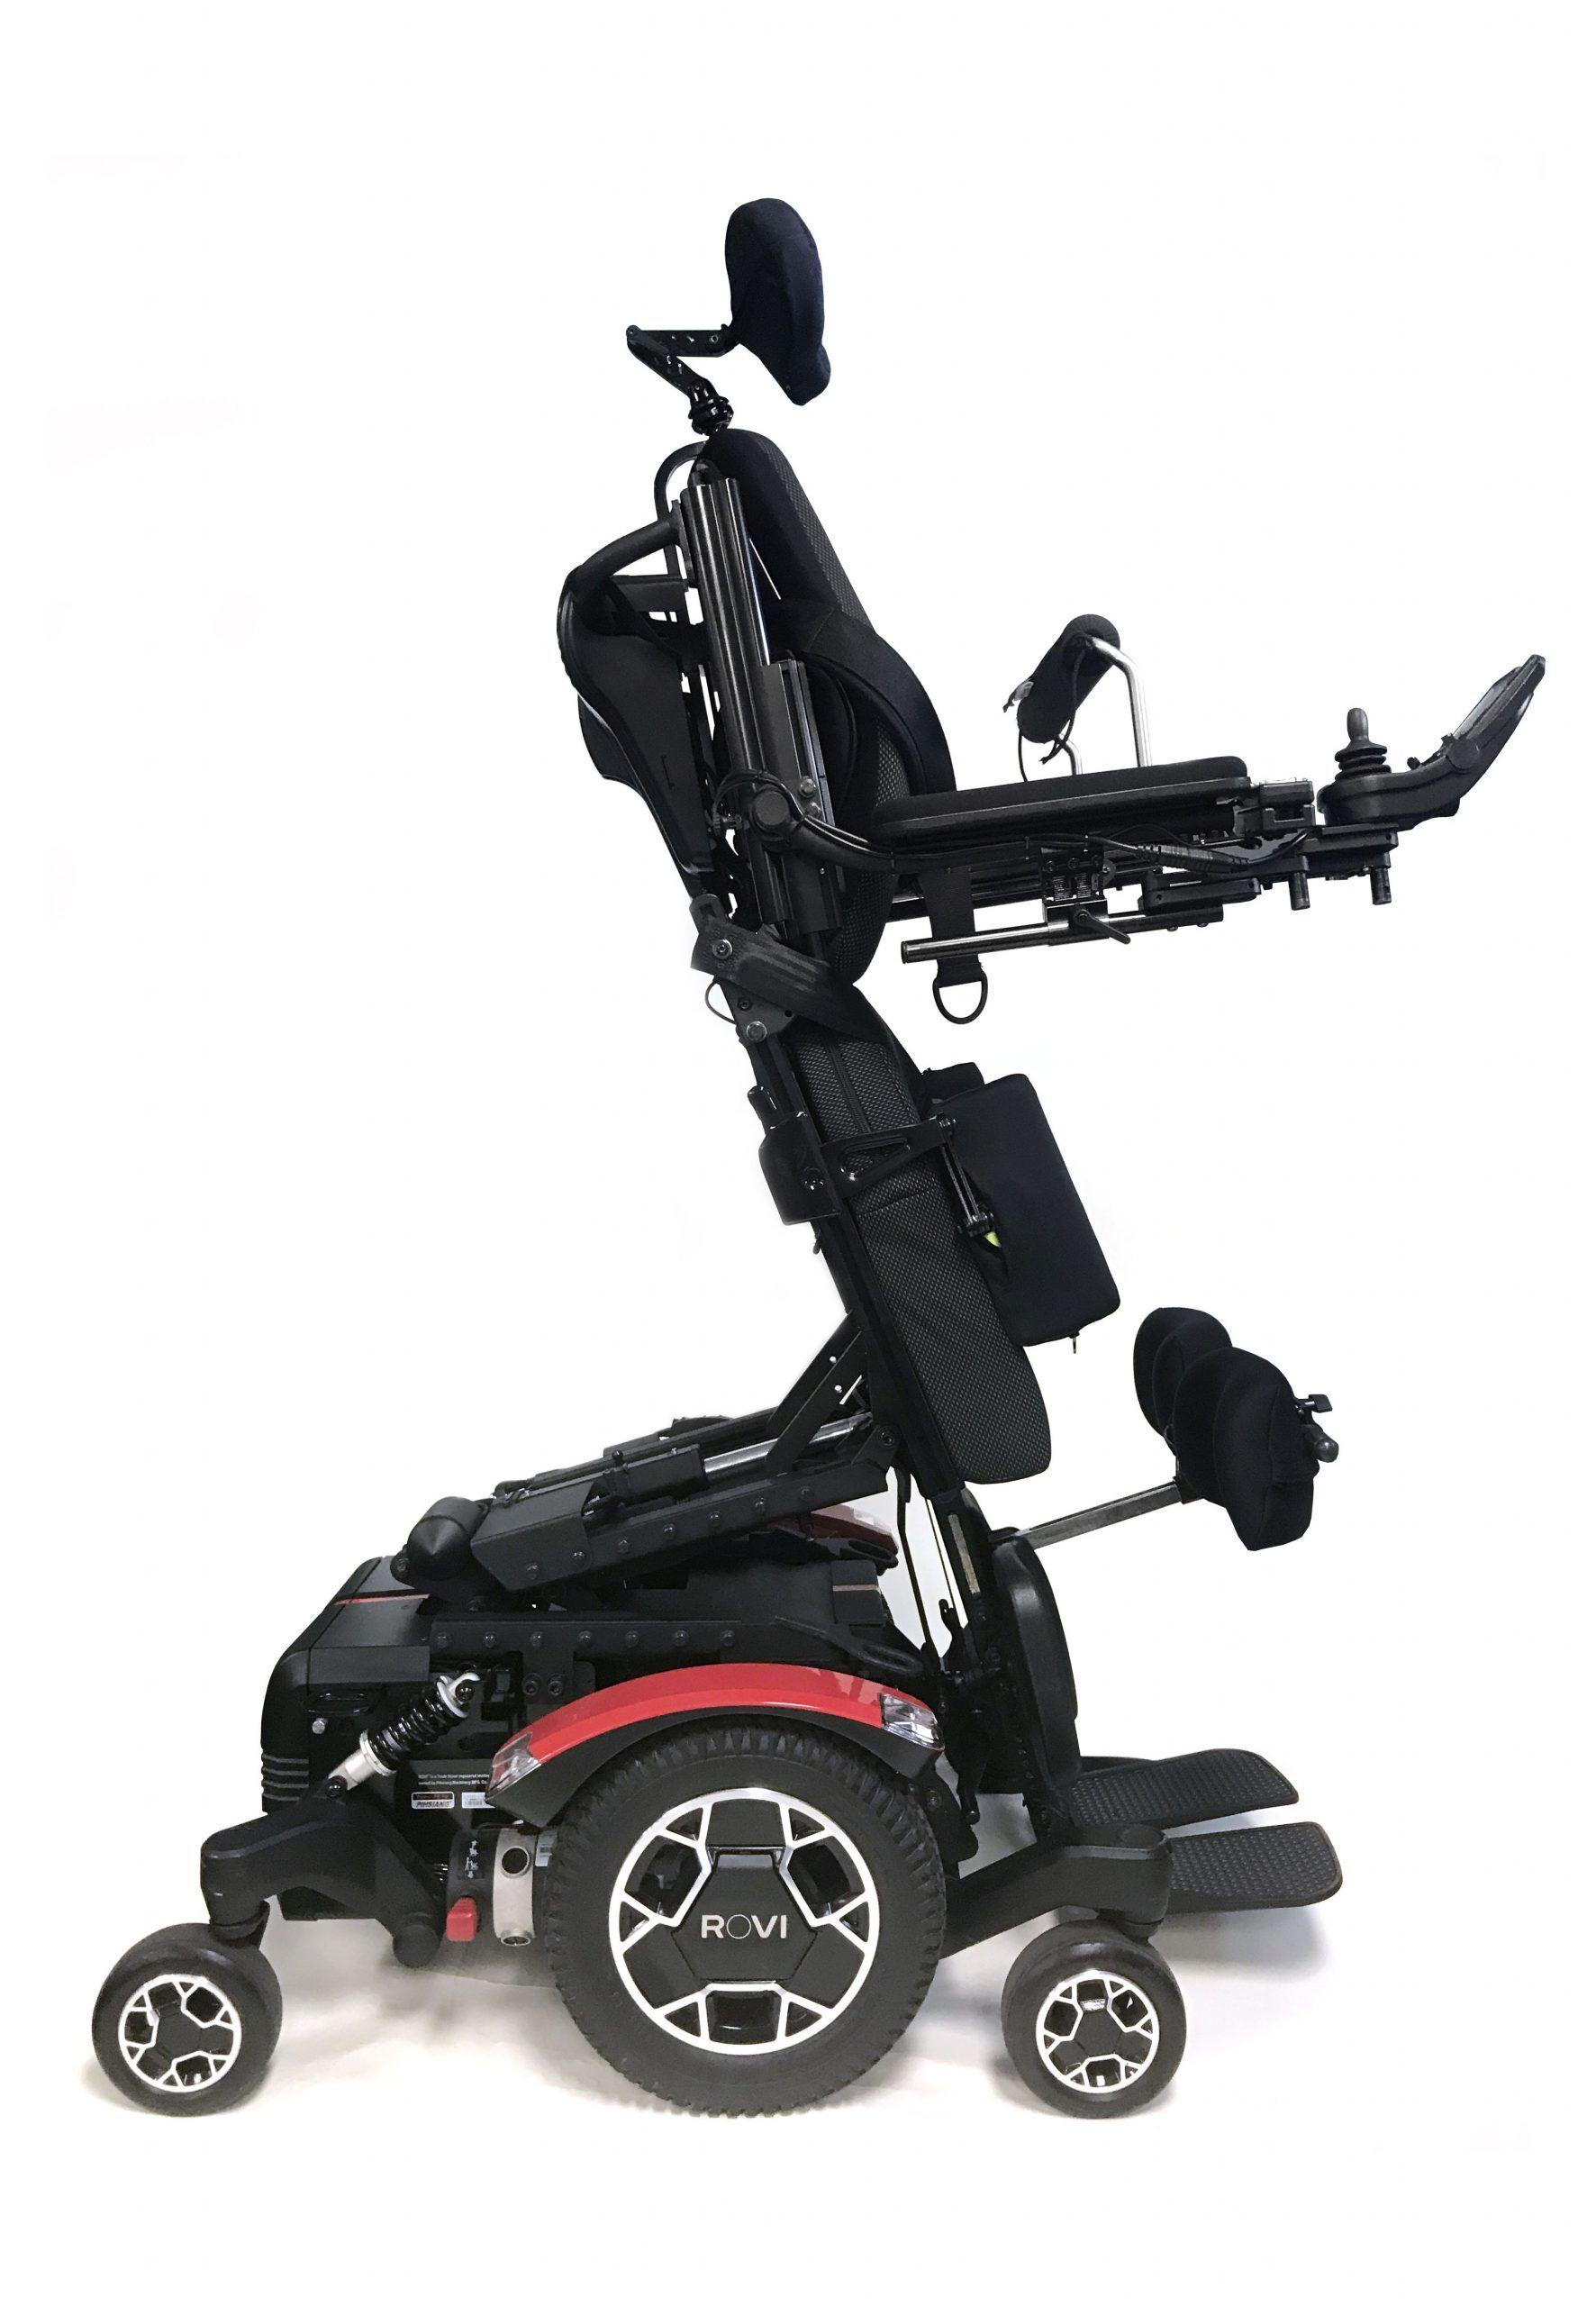 Rovi A3 Standing Power Wheelchair